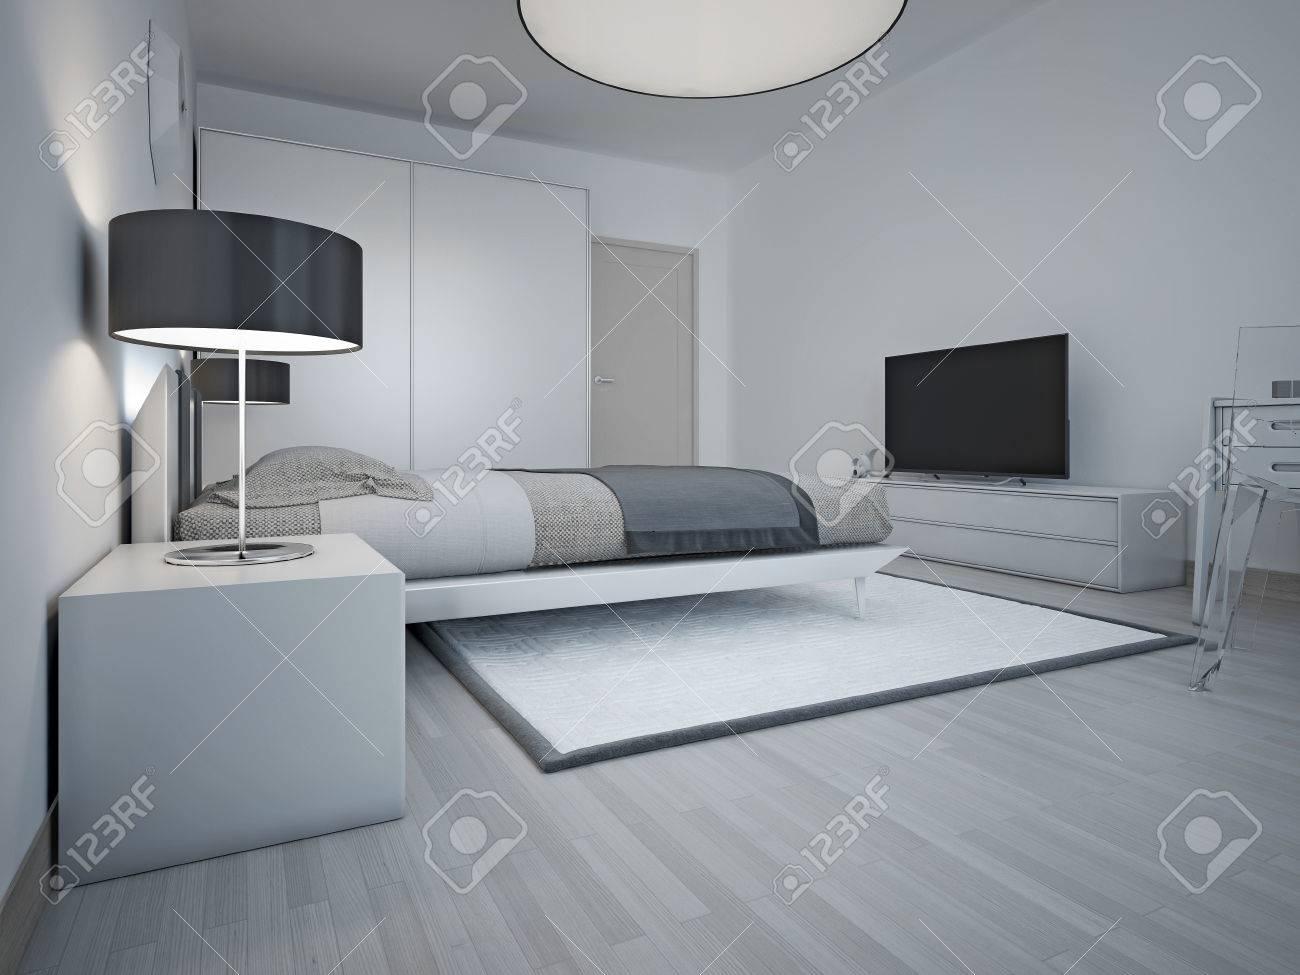 idea di spaziosa camera da letto moderno con pareti grigie. grande ... - Pareti Grigie Camera Da Letto